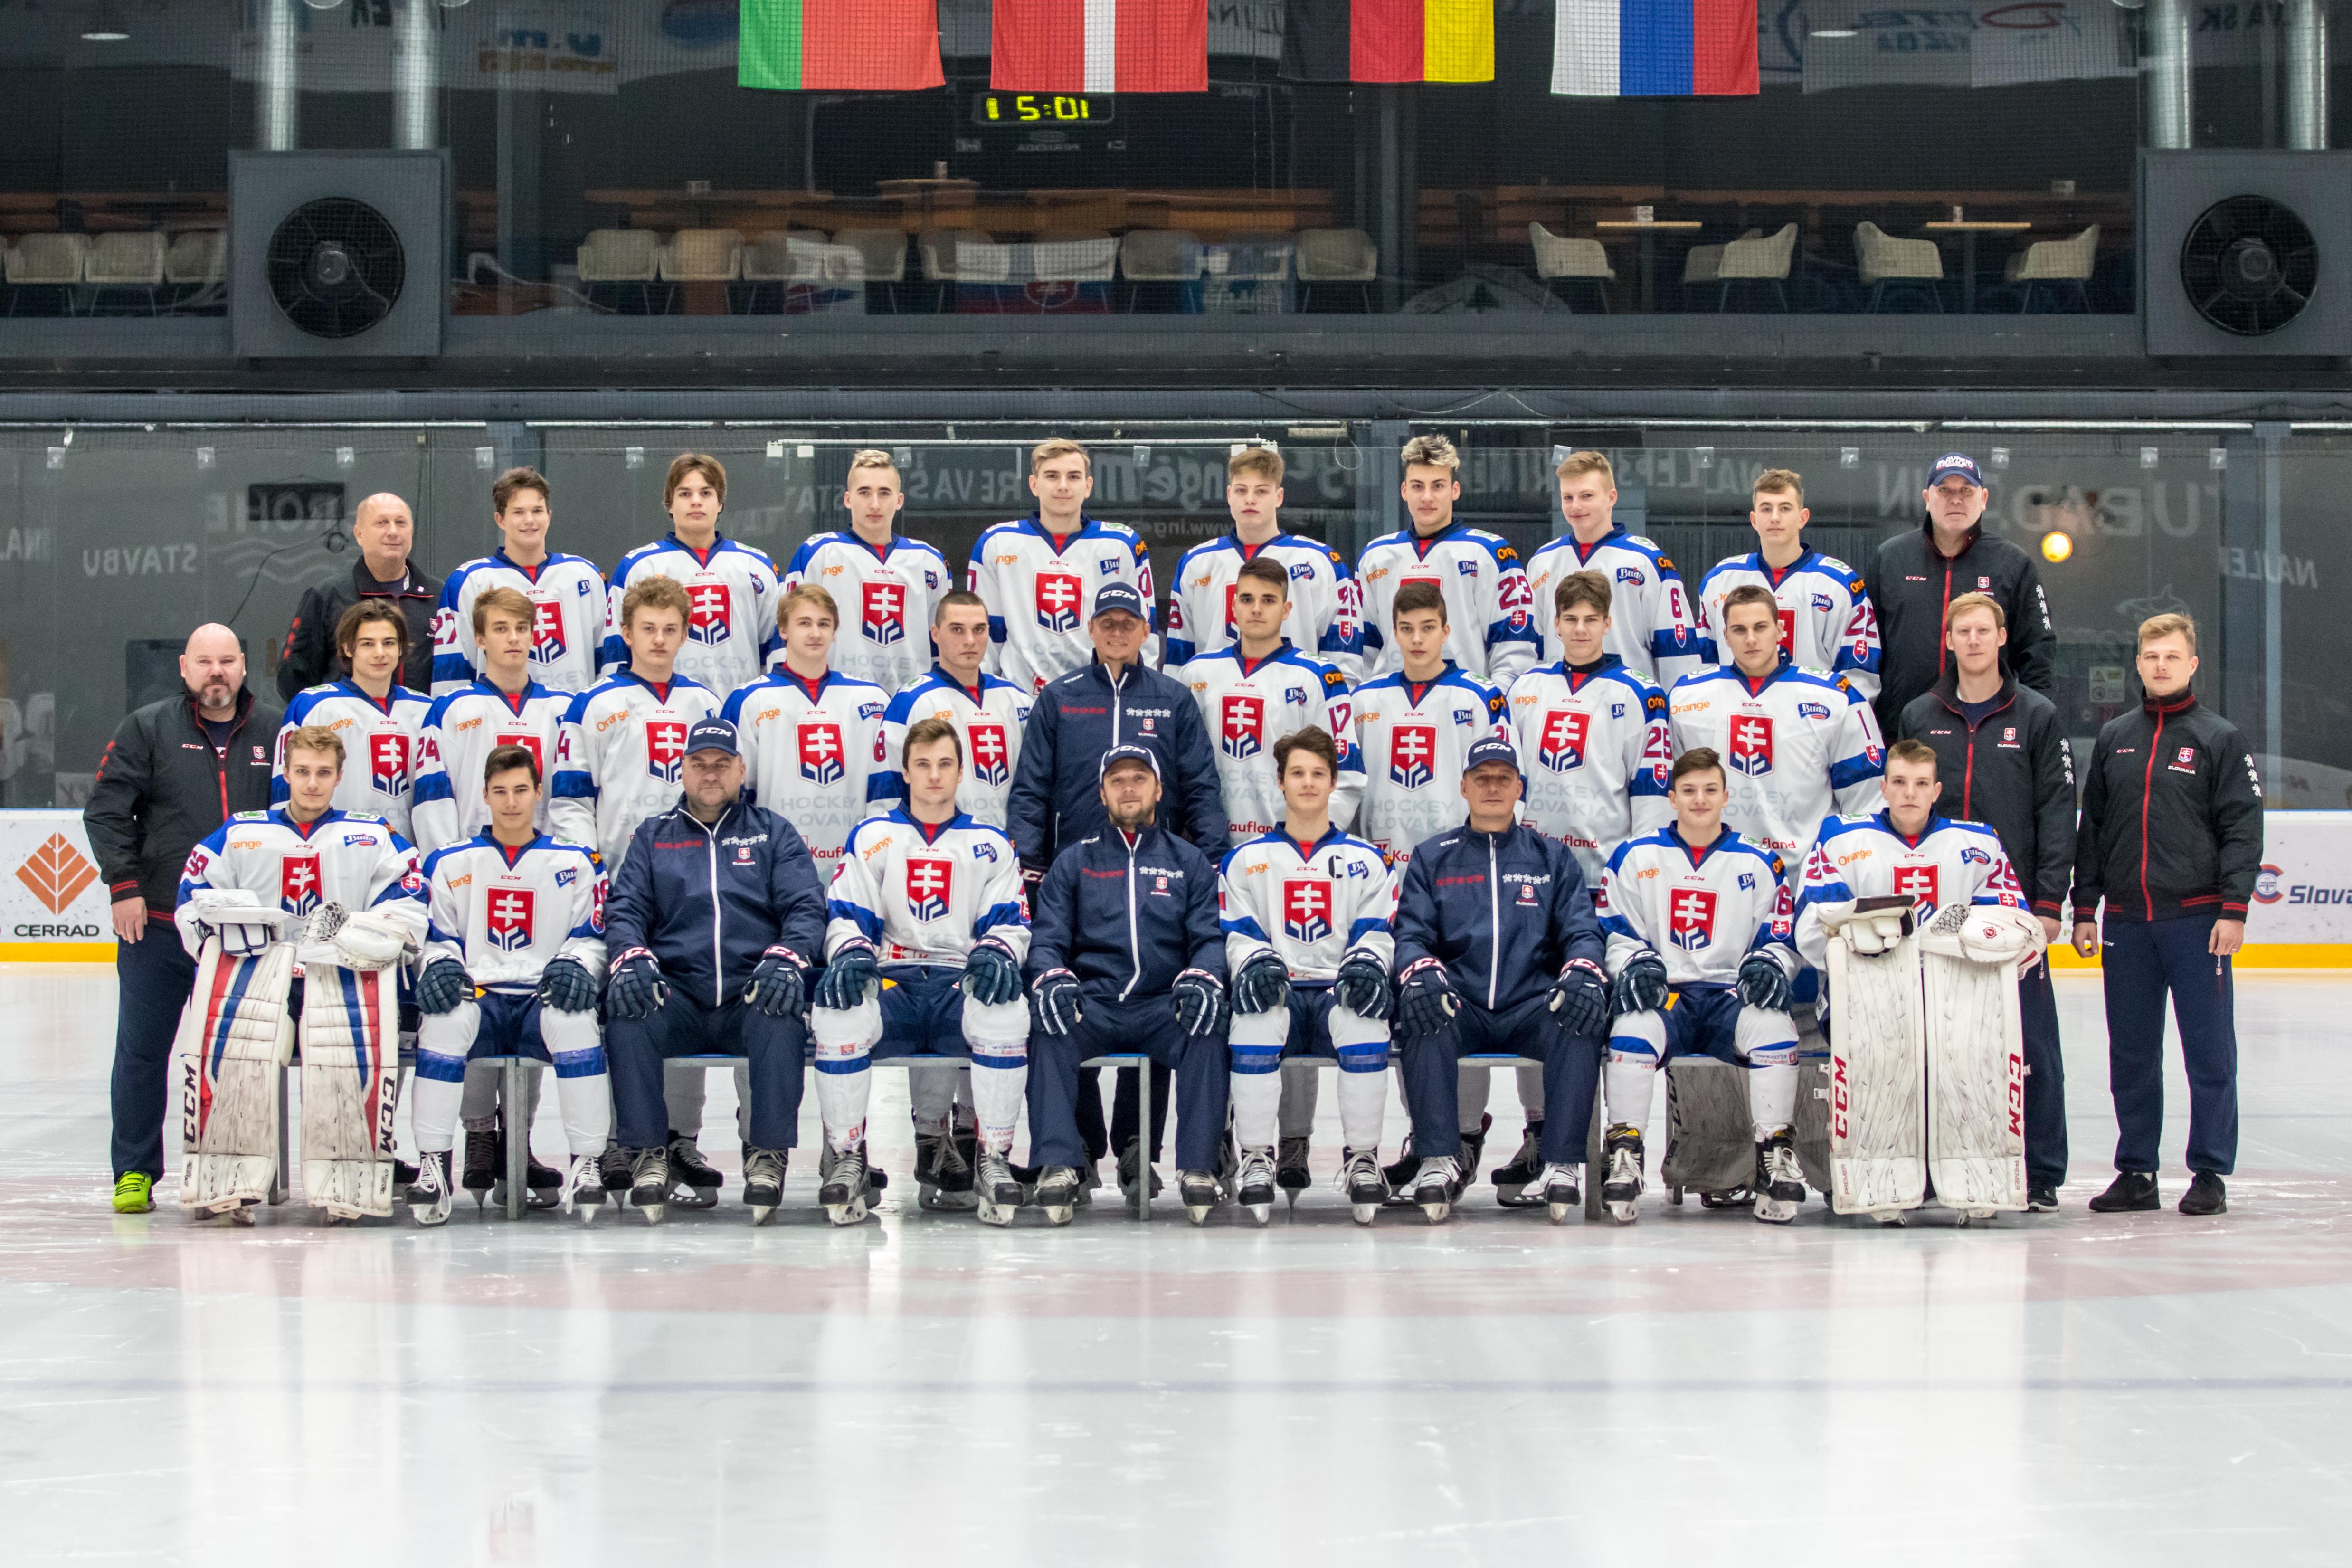 8195db0637e46 Reprezentácia SR 18 / SVK U18 | HockeySlovakia.sk - oficiálny web ...